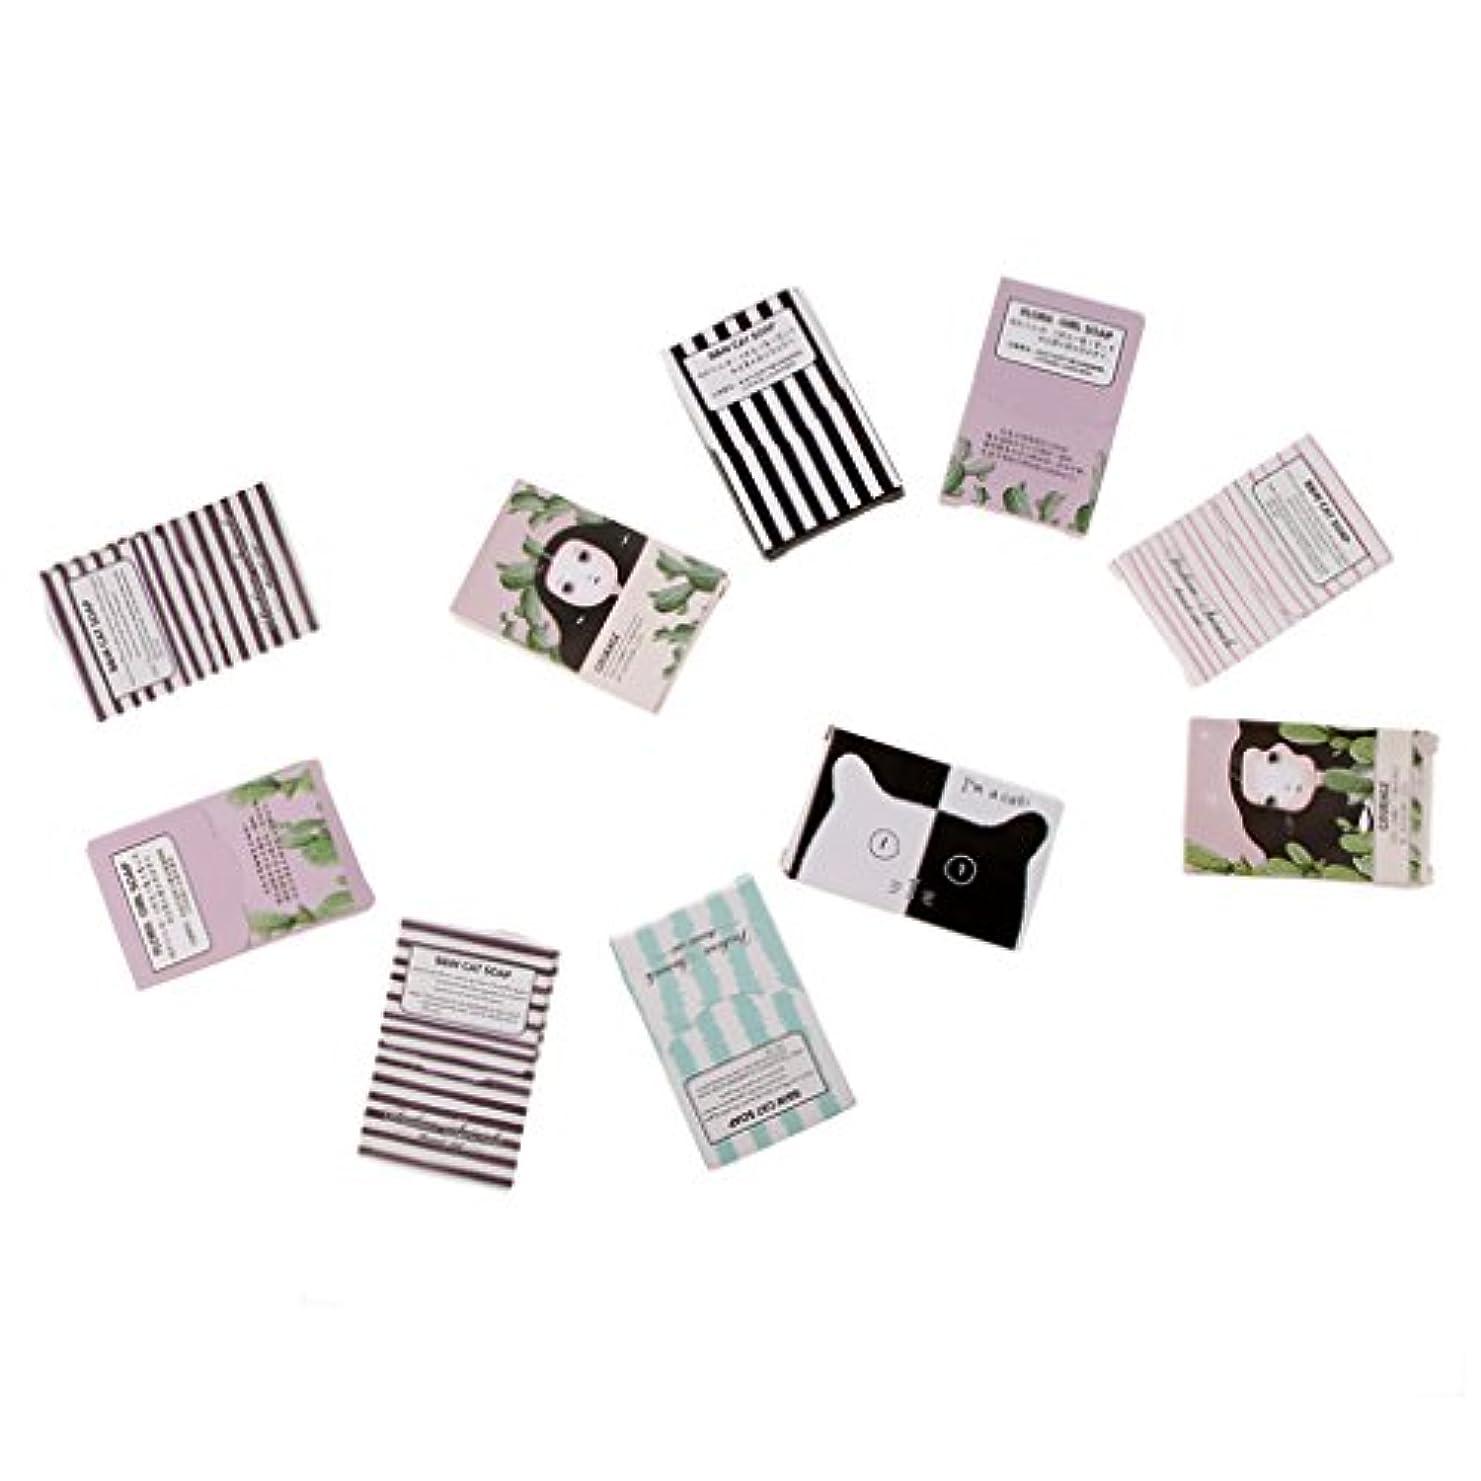 近似ハードリング解決Baosity 石鹸シート 手洗い 石鹸フレーク キャン プアウトドア 旅行紙 約150枚